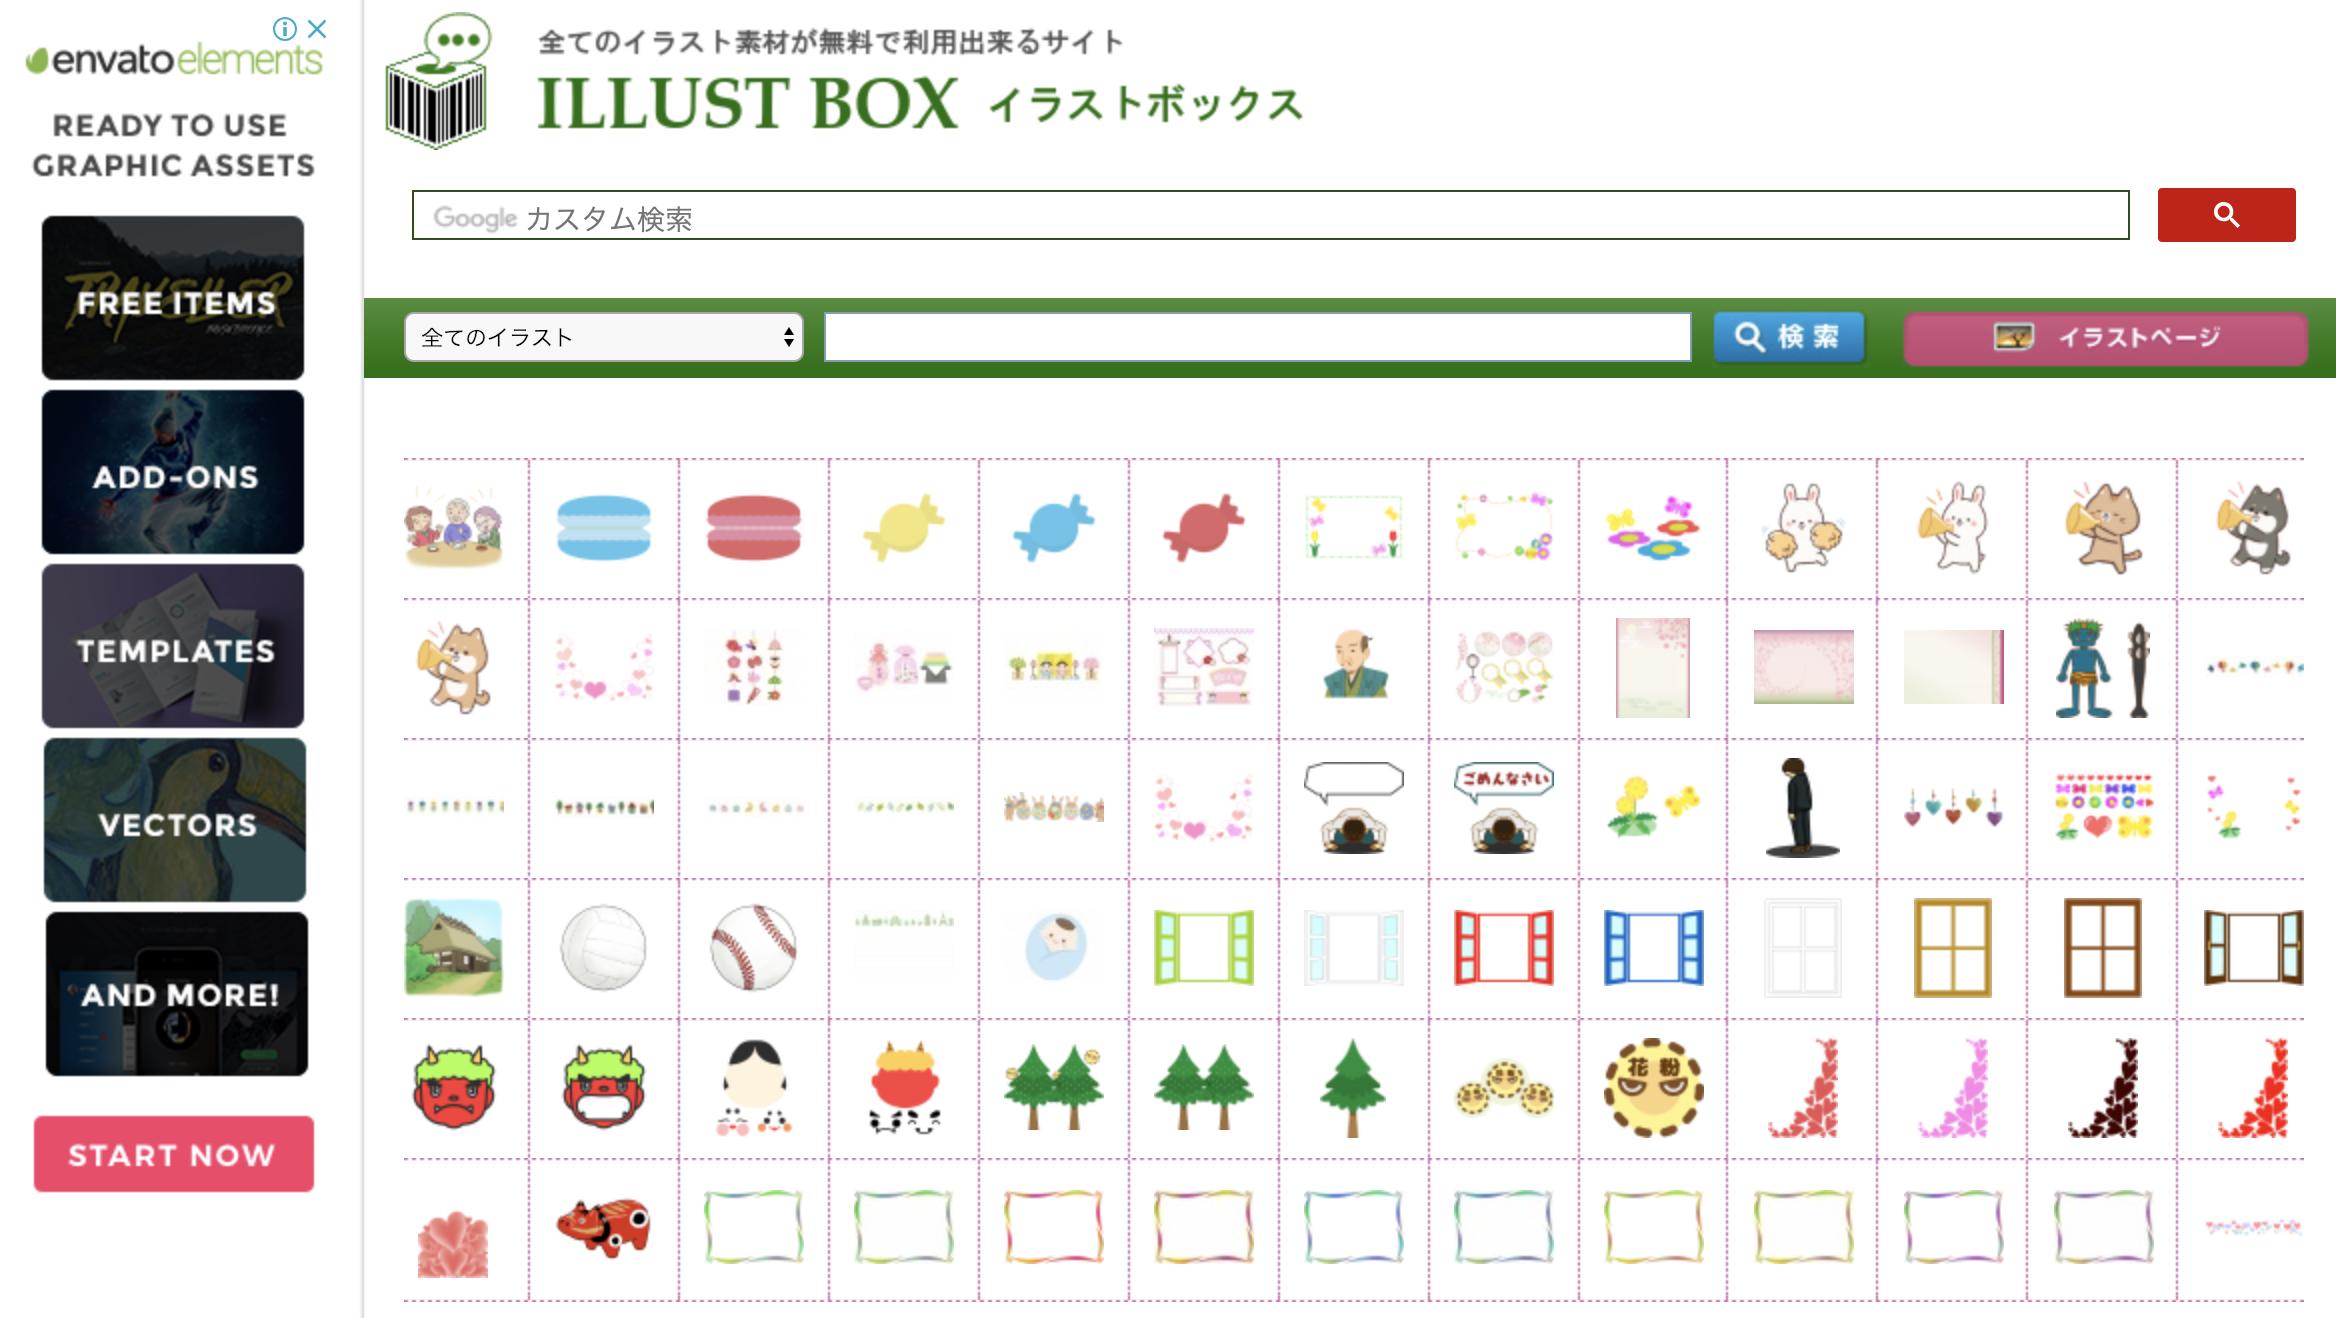 ILLUSTBOXのトップページ